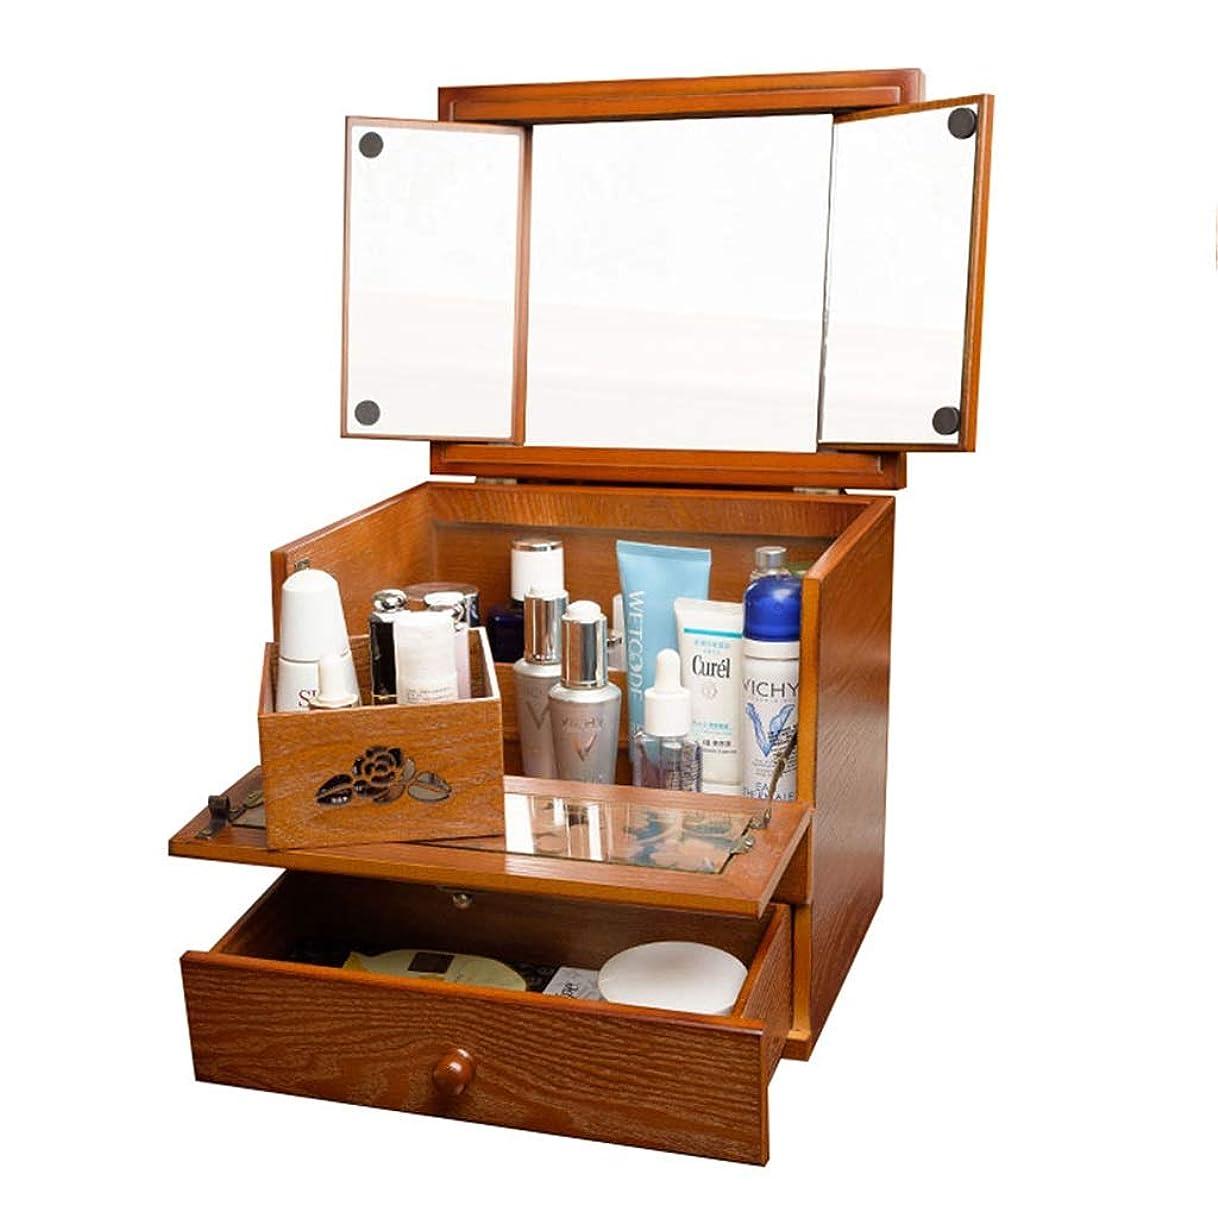 プレビスサイト血まみれ食べるメイクボックス 家庭化粧品収納ボックス木製大容量化粧箱鏡付きの小さなドレッシングテーブル (Color : Brown, Size : 27.5x22.5x32.5cm)